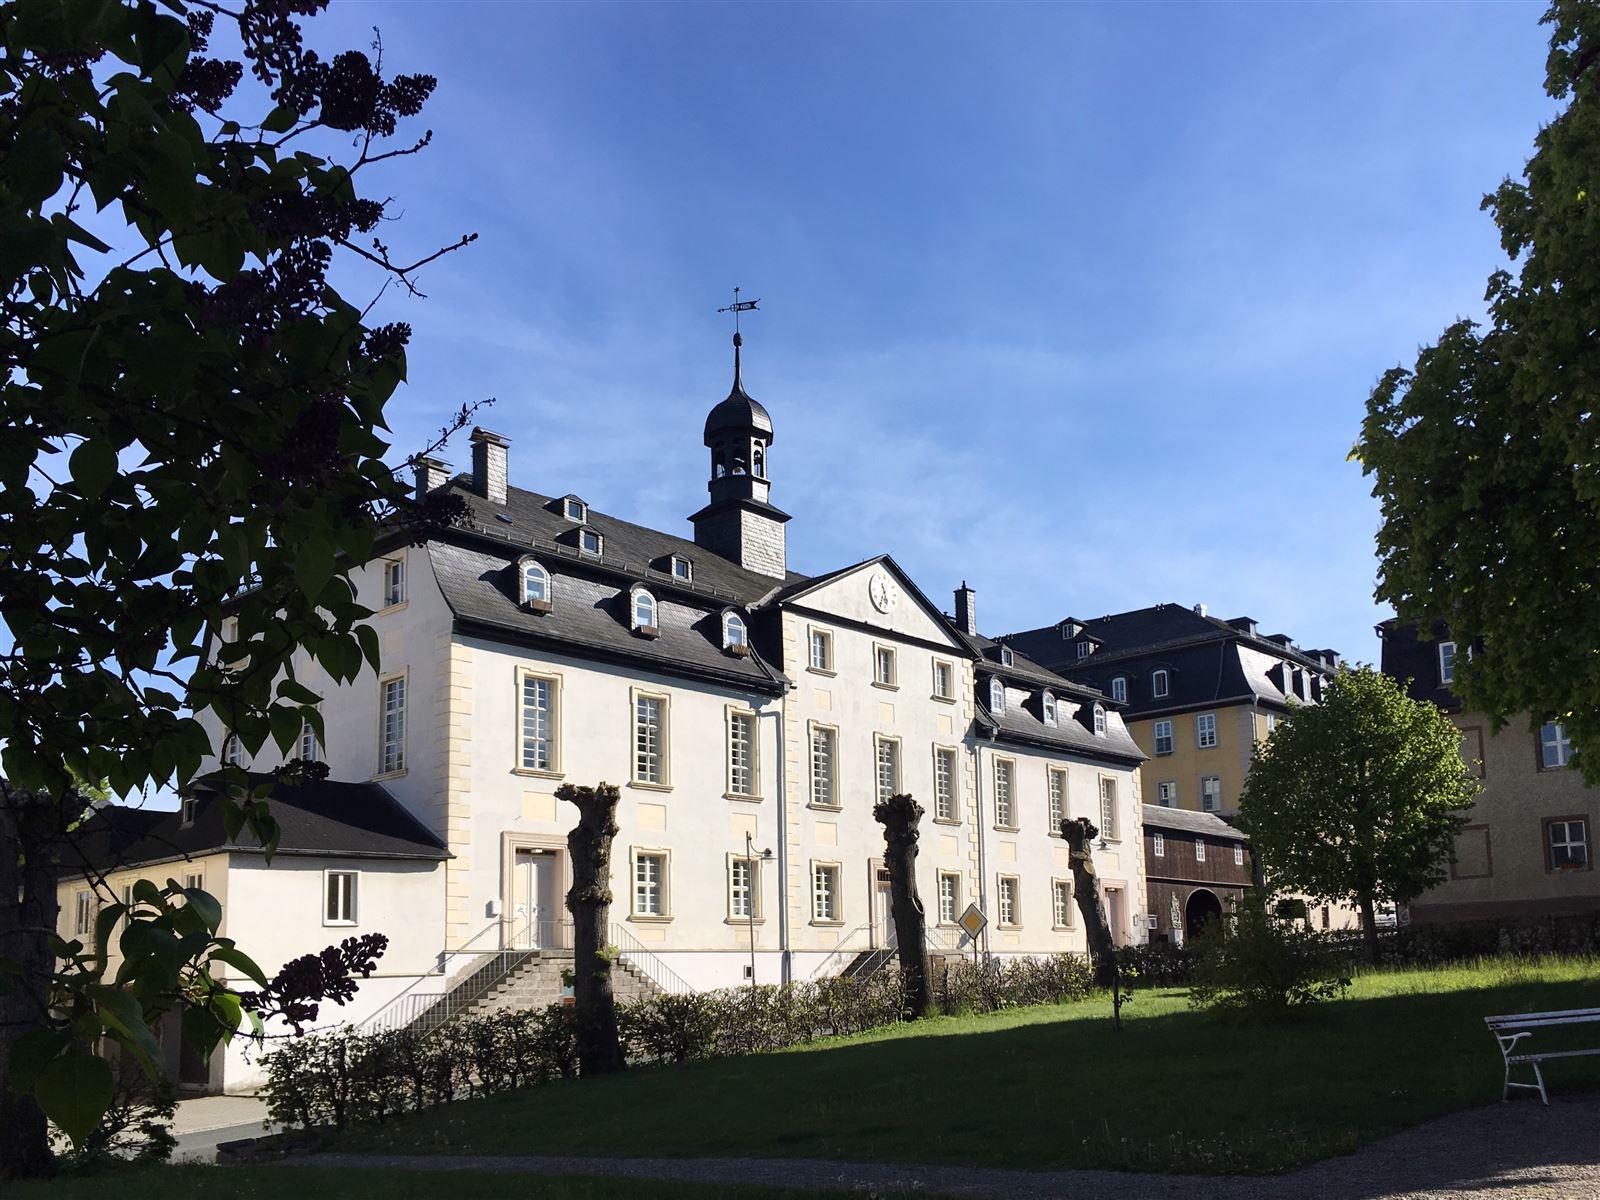 Ausflug: Landschaftspark Ebersdorf - Thüringen - nahe der Bleilochtalsperre - Gemeindehaus Herrenhuter Brüdergemeinde